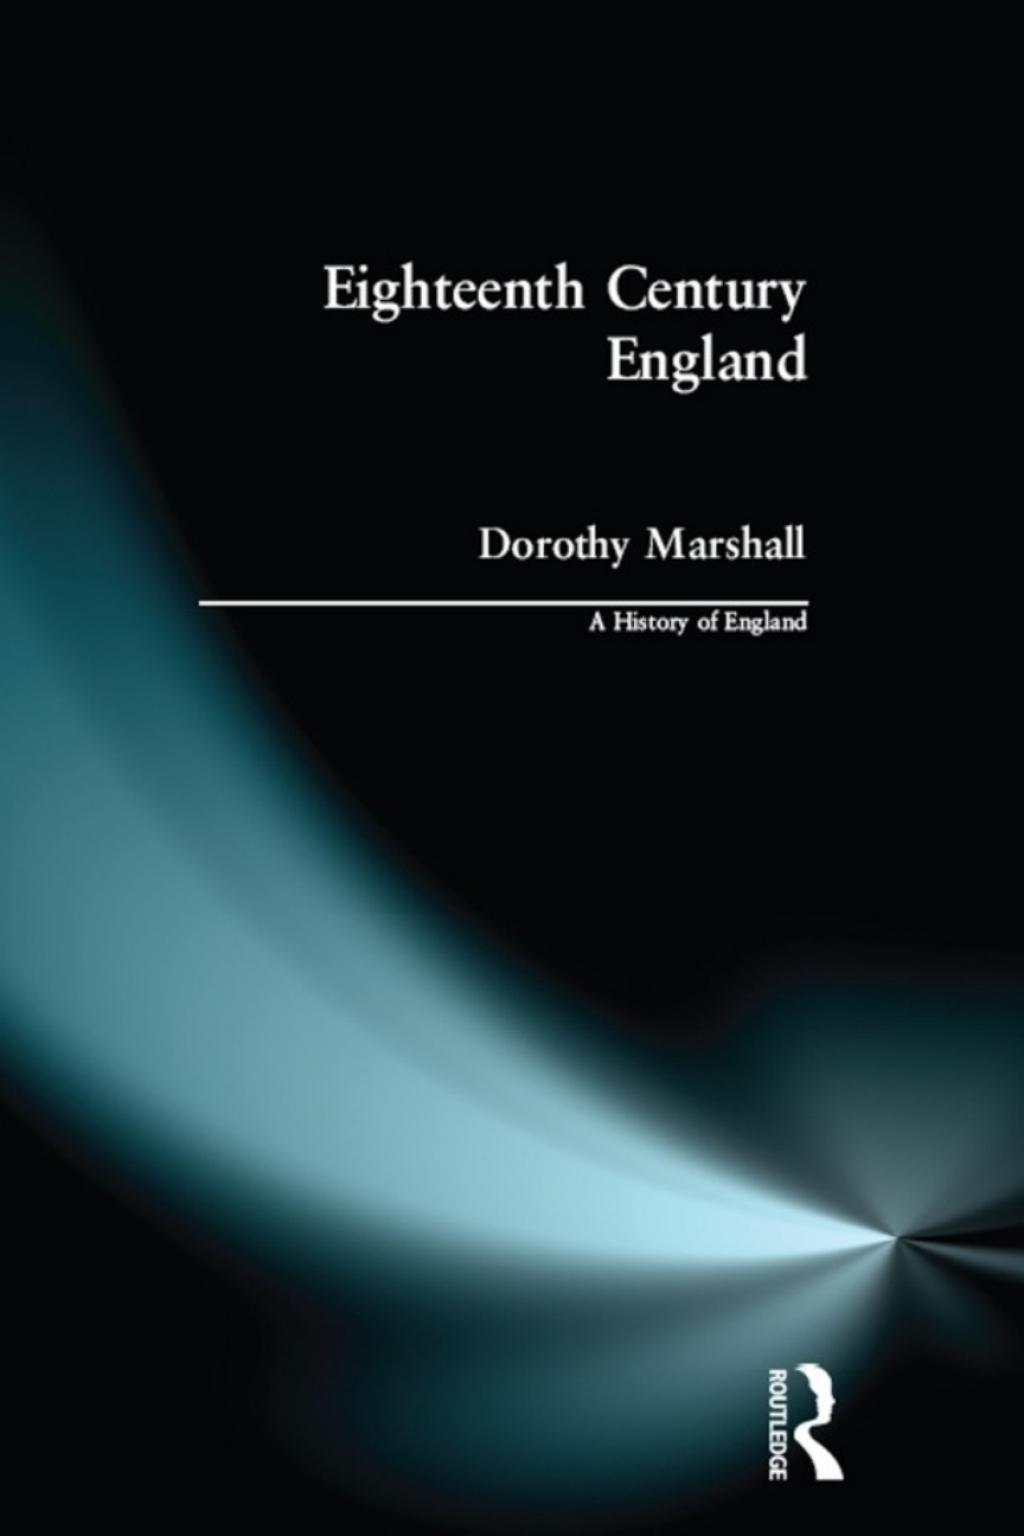 Eighteenth Century England (eBook)